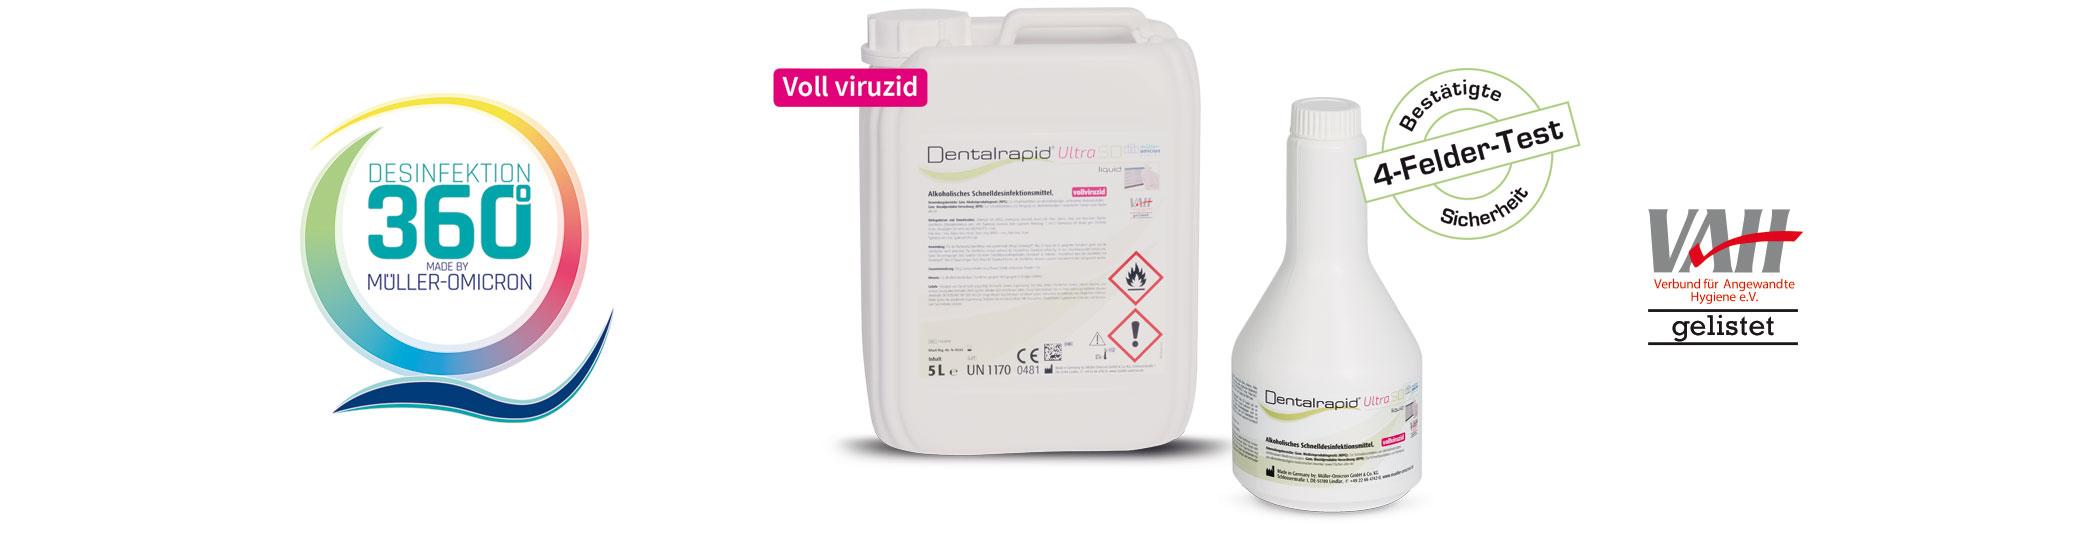 Dentalrapid Ultra SD liquid